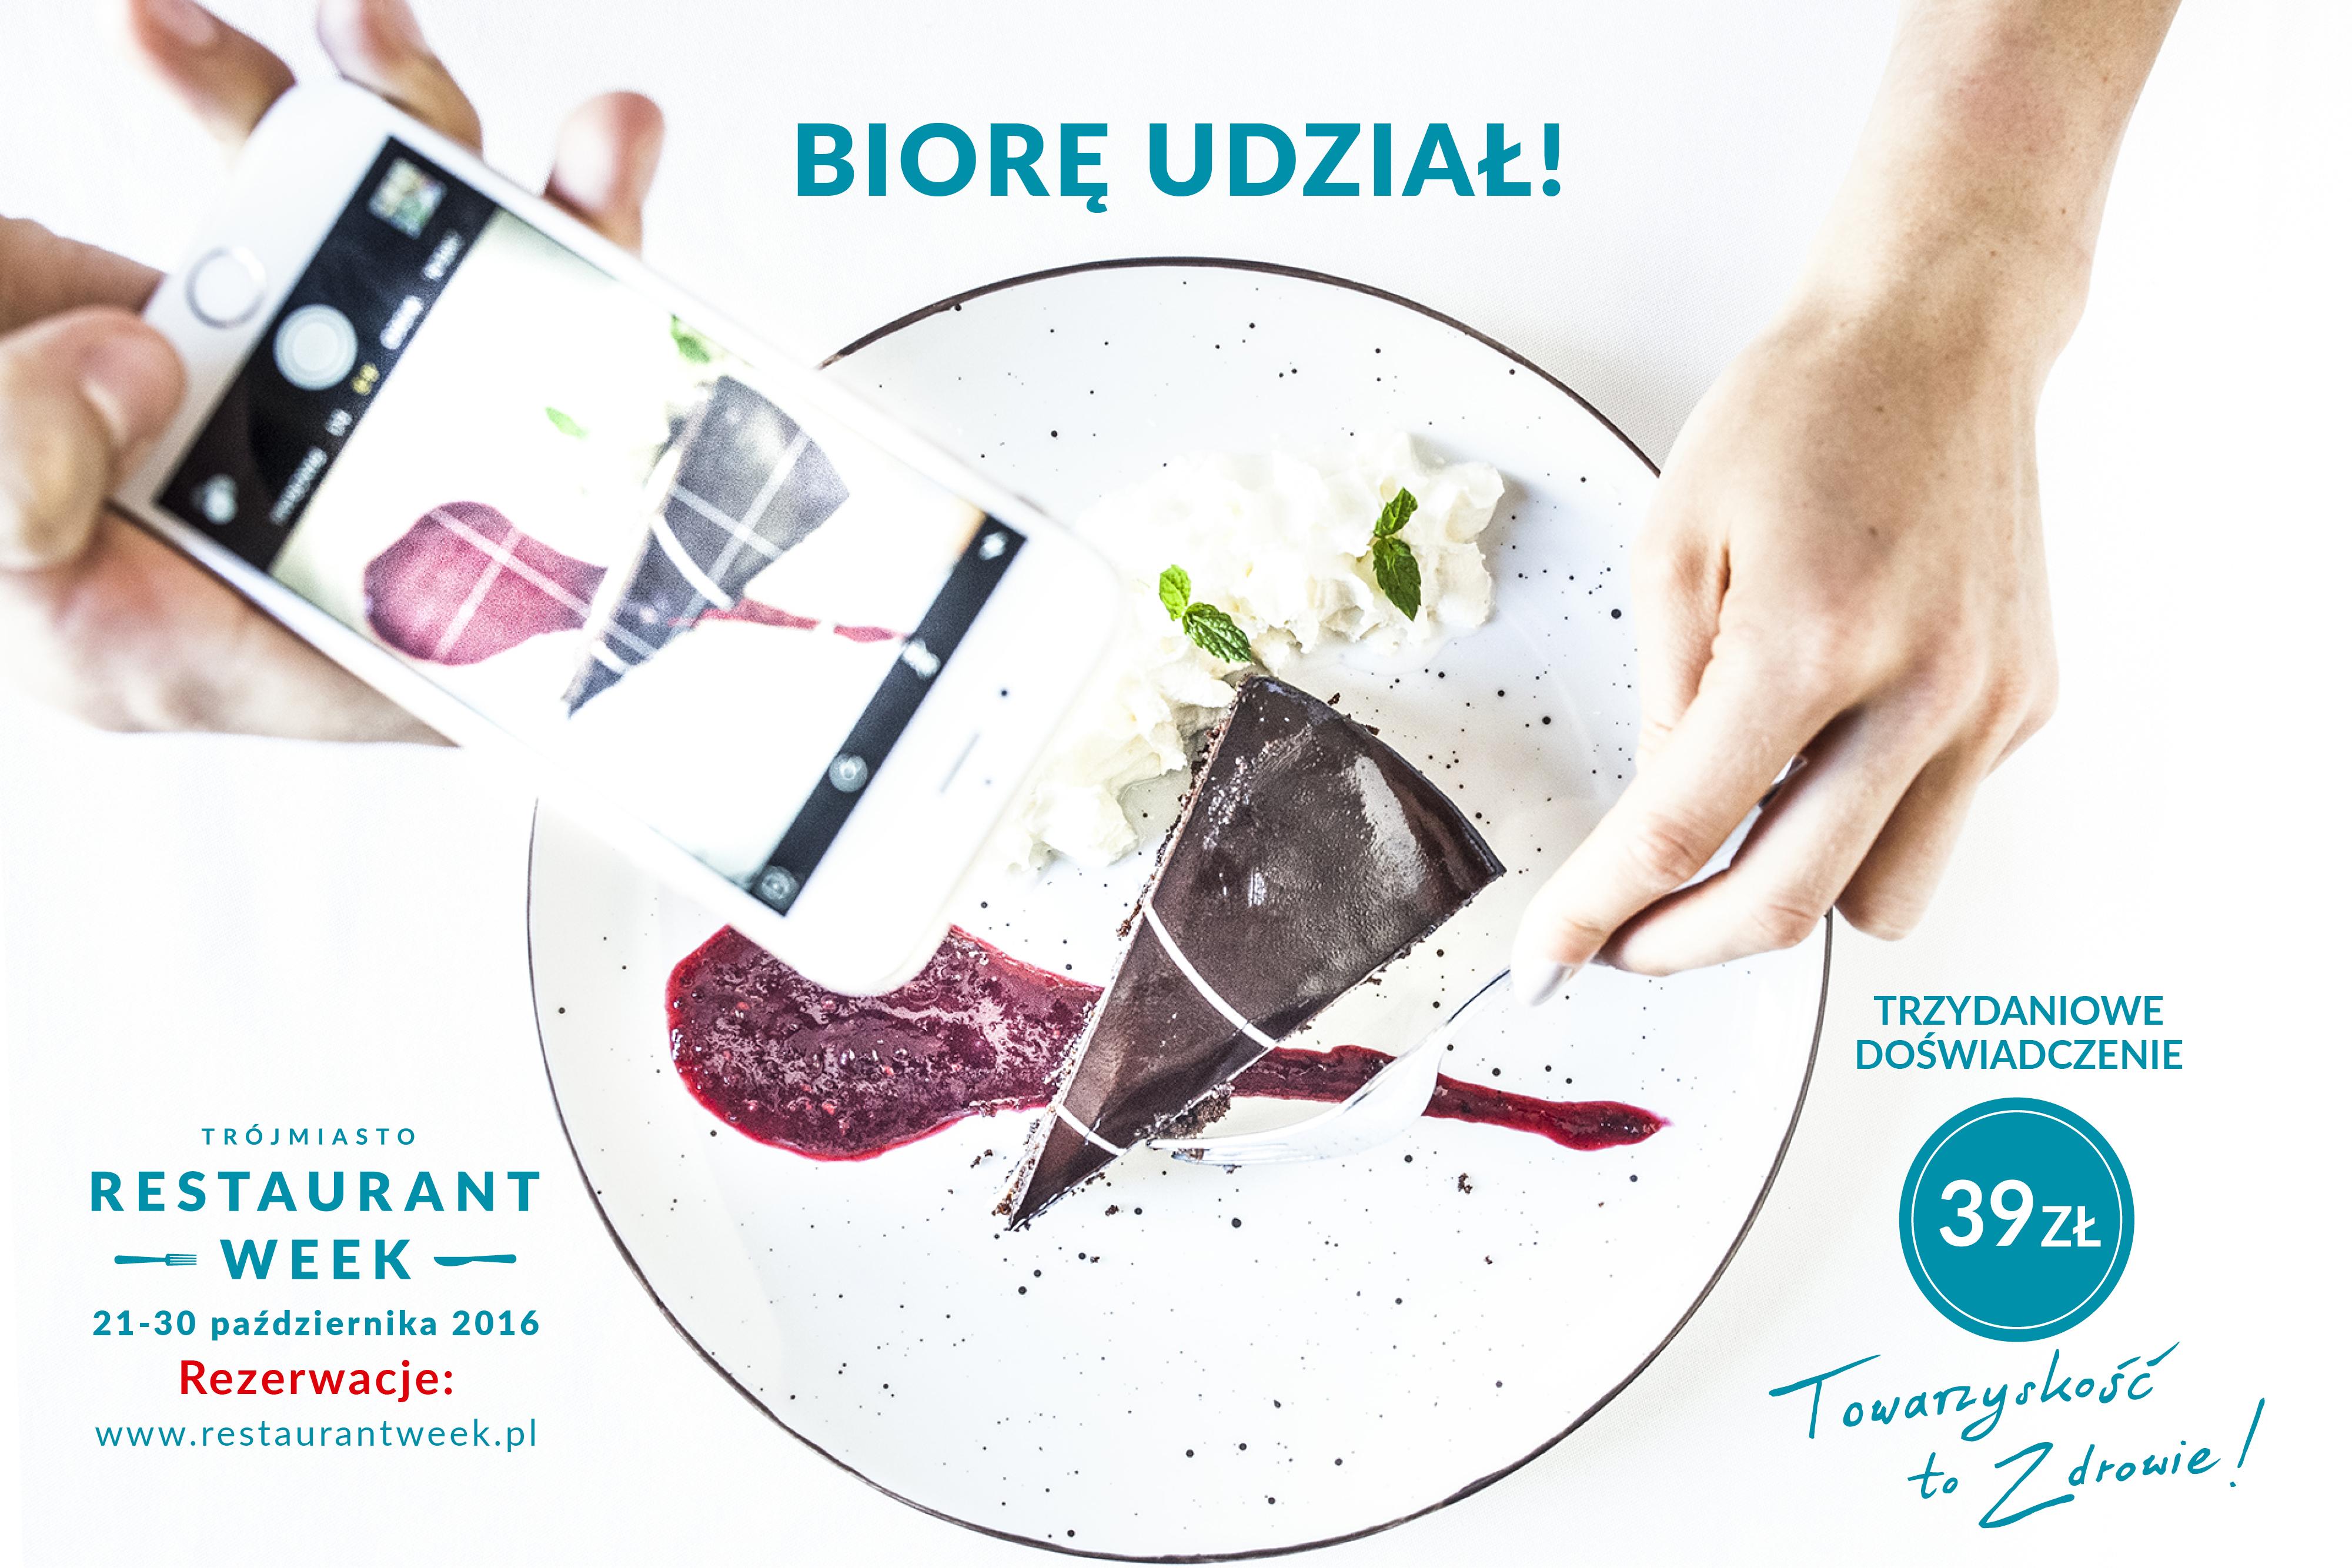 Restaurant Week 2016 – towarzyskość to zdrowie!